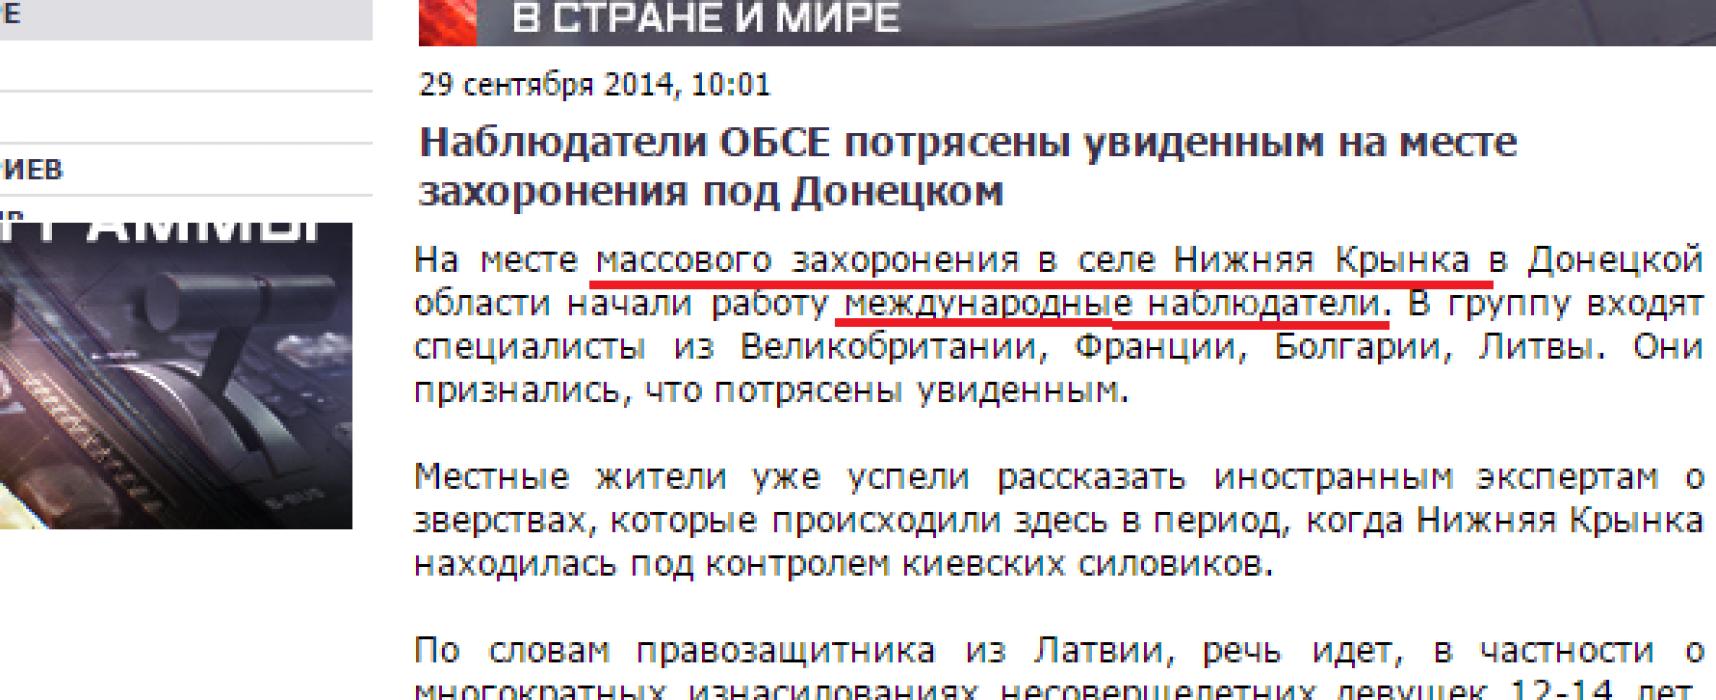 Фейк: Международные наблюдатели обвинили украинских силовиков в геноциде мирного населения